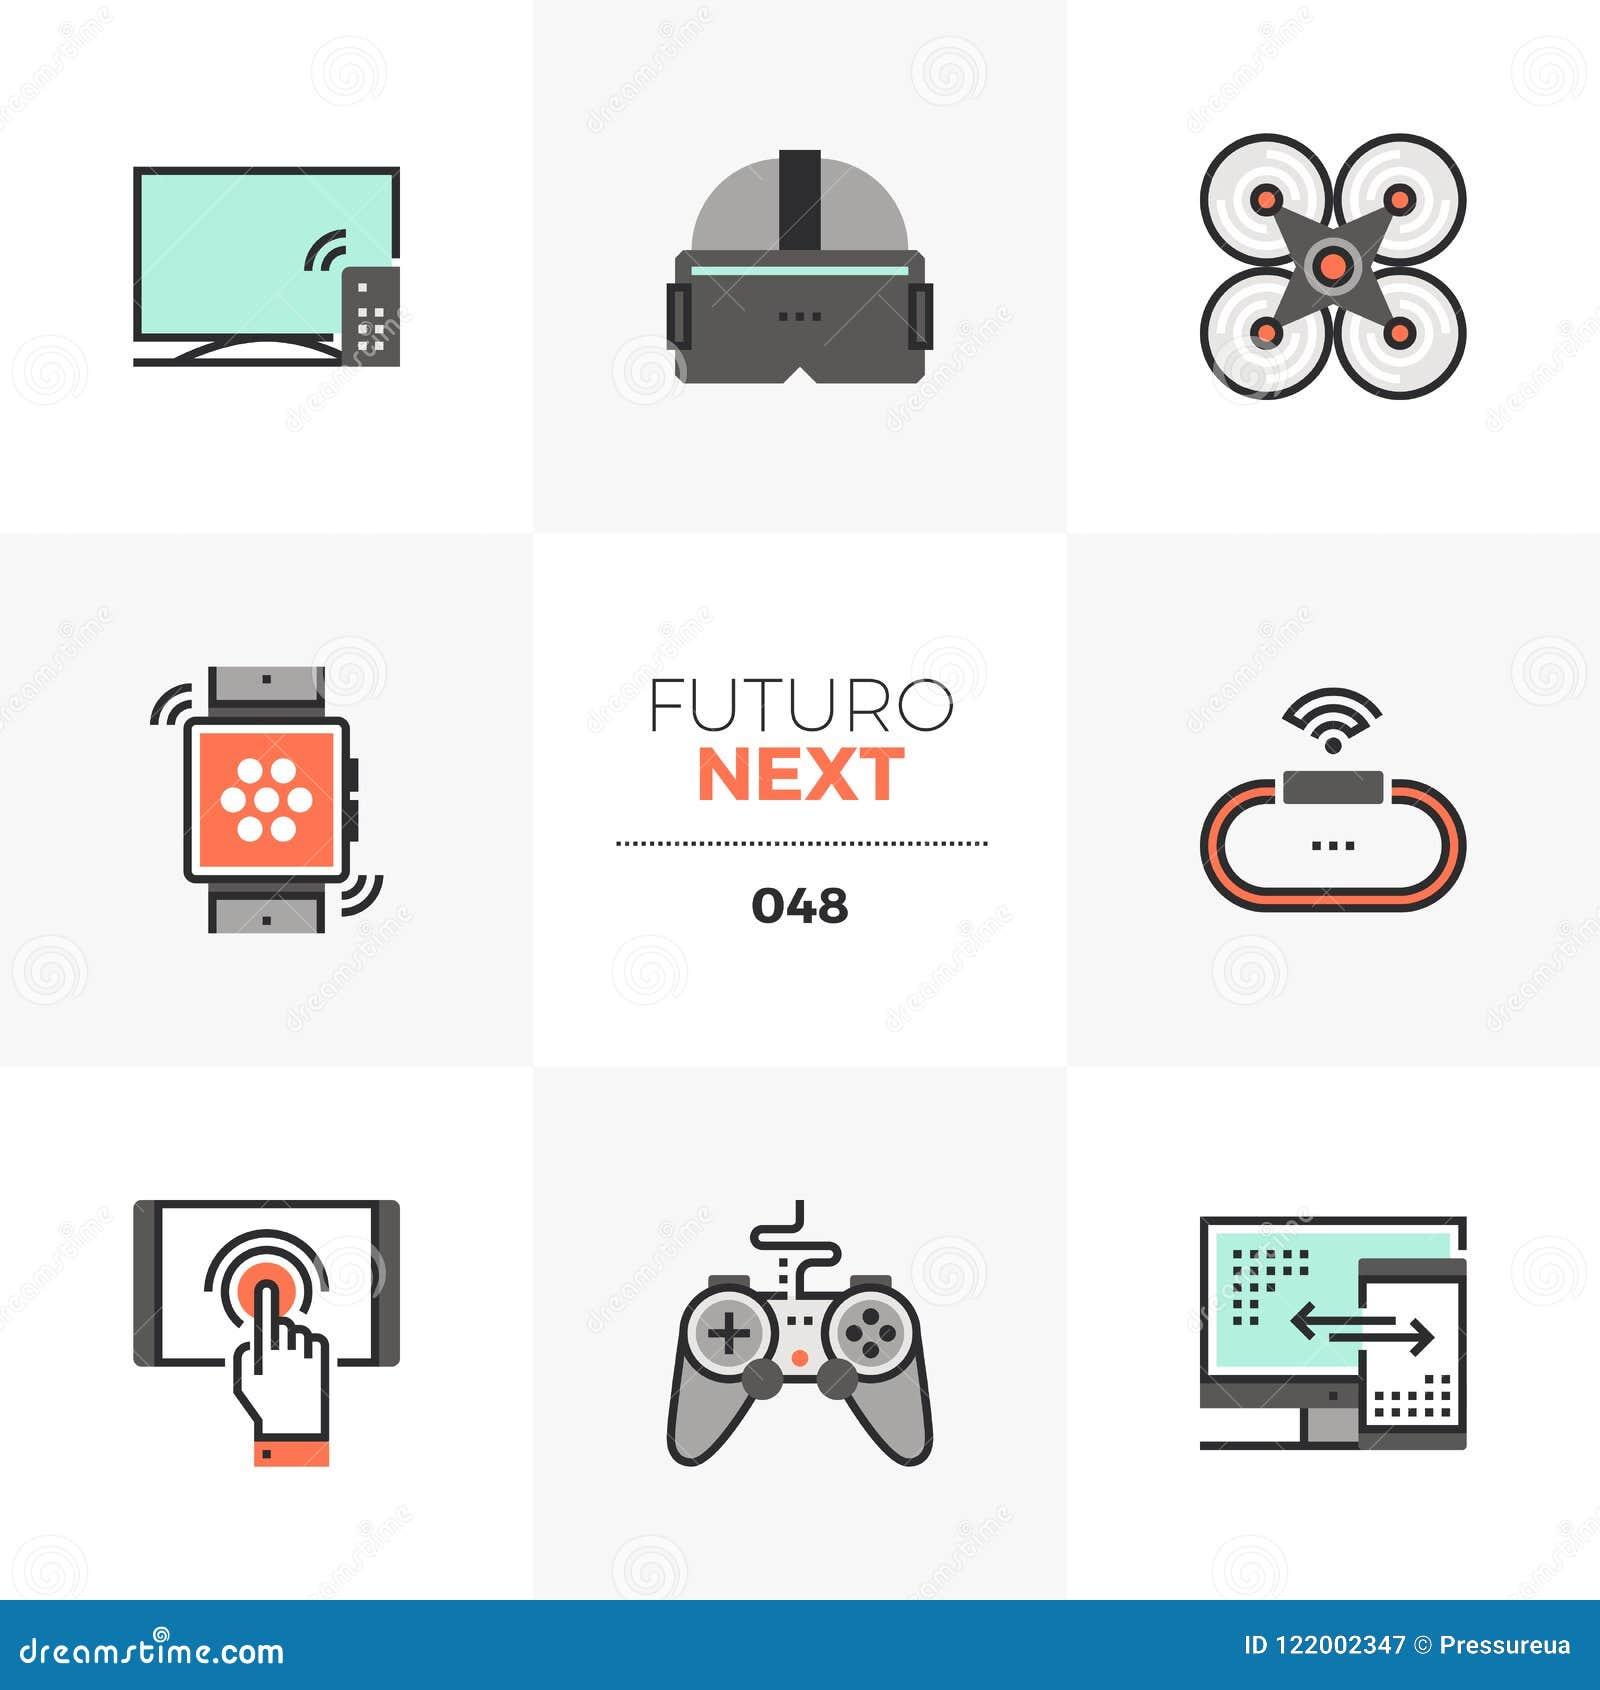 Επόμενα εικονίδια Futuro συσκευών τεχνολογίας